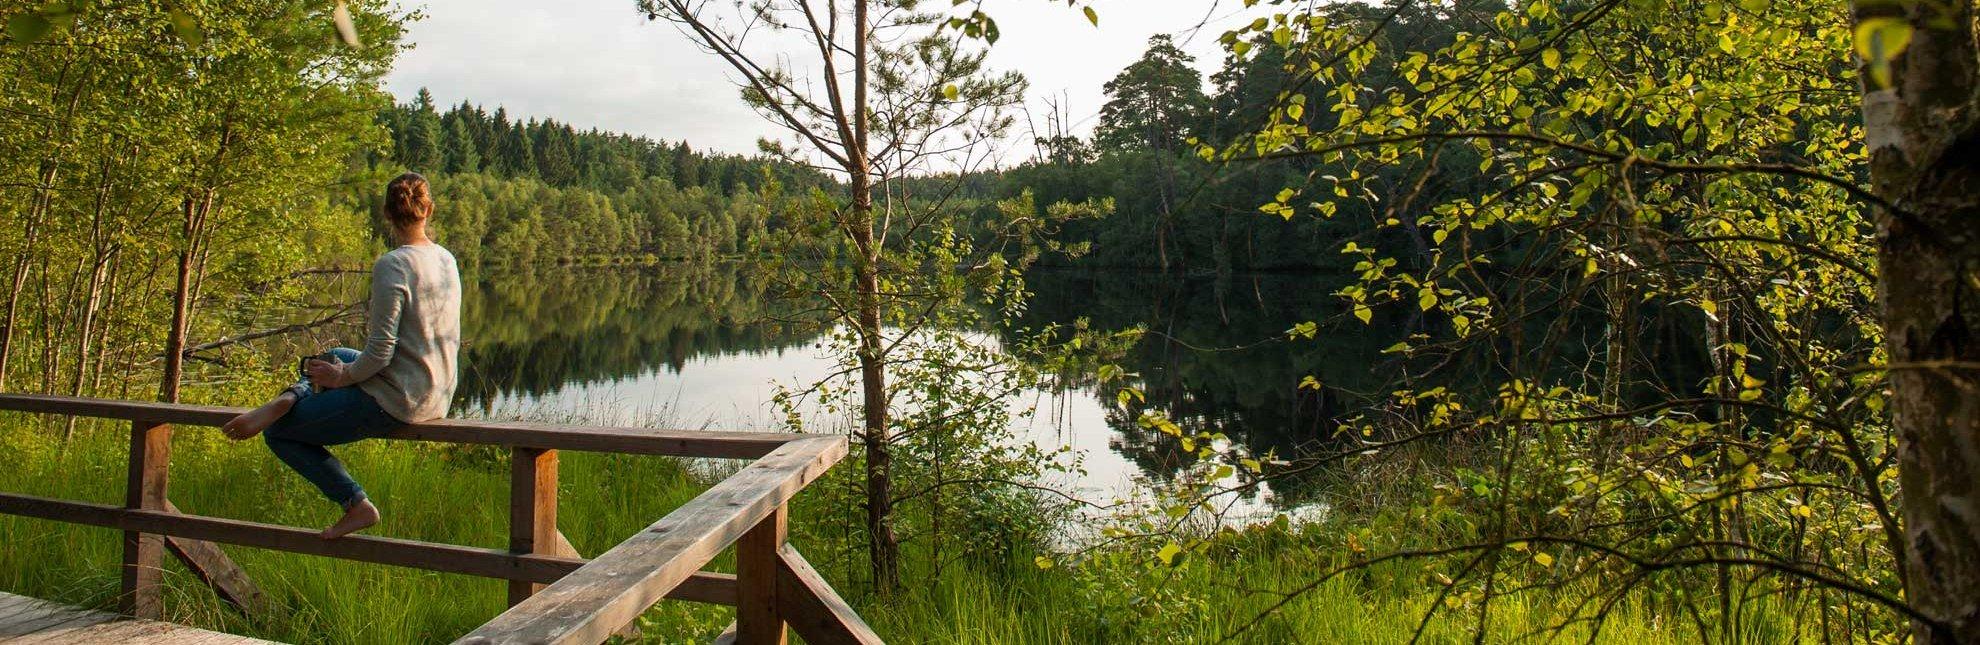 Im schönen Hellbachtal im Naturpark Lauenburgische Seen findet sich auch dieses romantische Fleckchen, der Schwarzsee., © Nicole Franke / HLMS GmbH